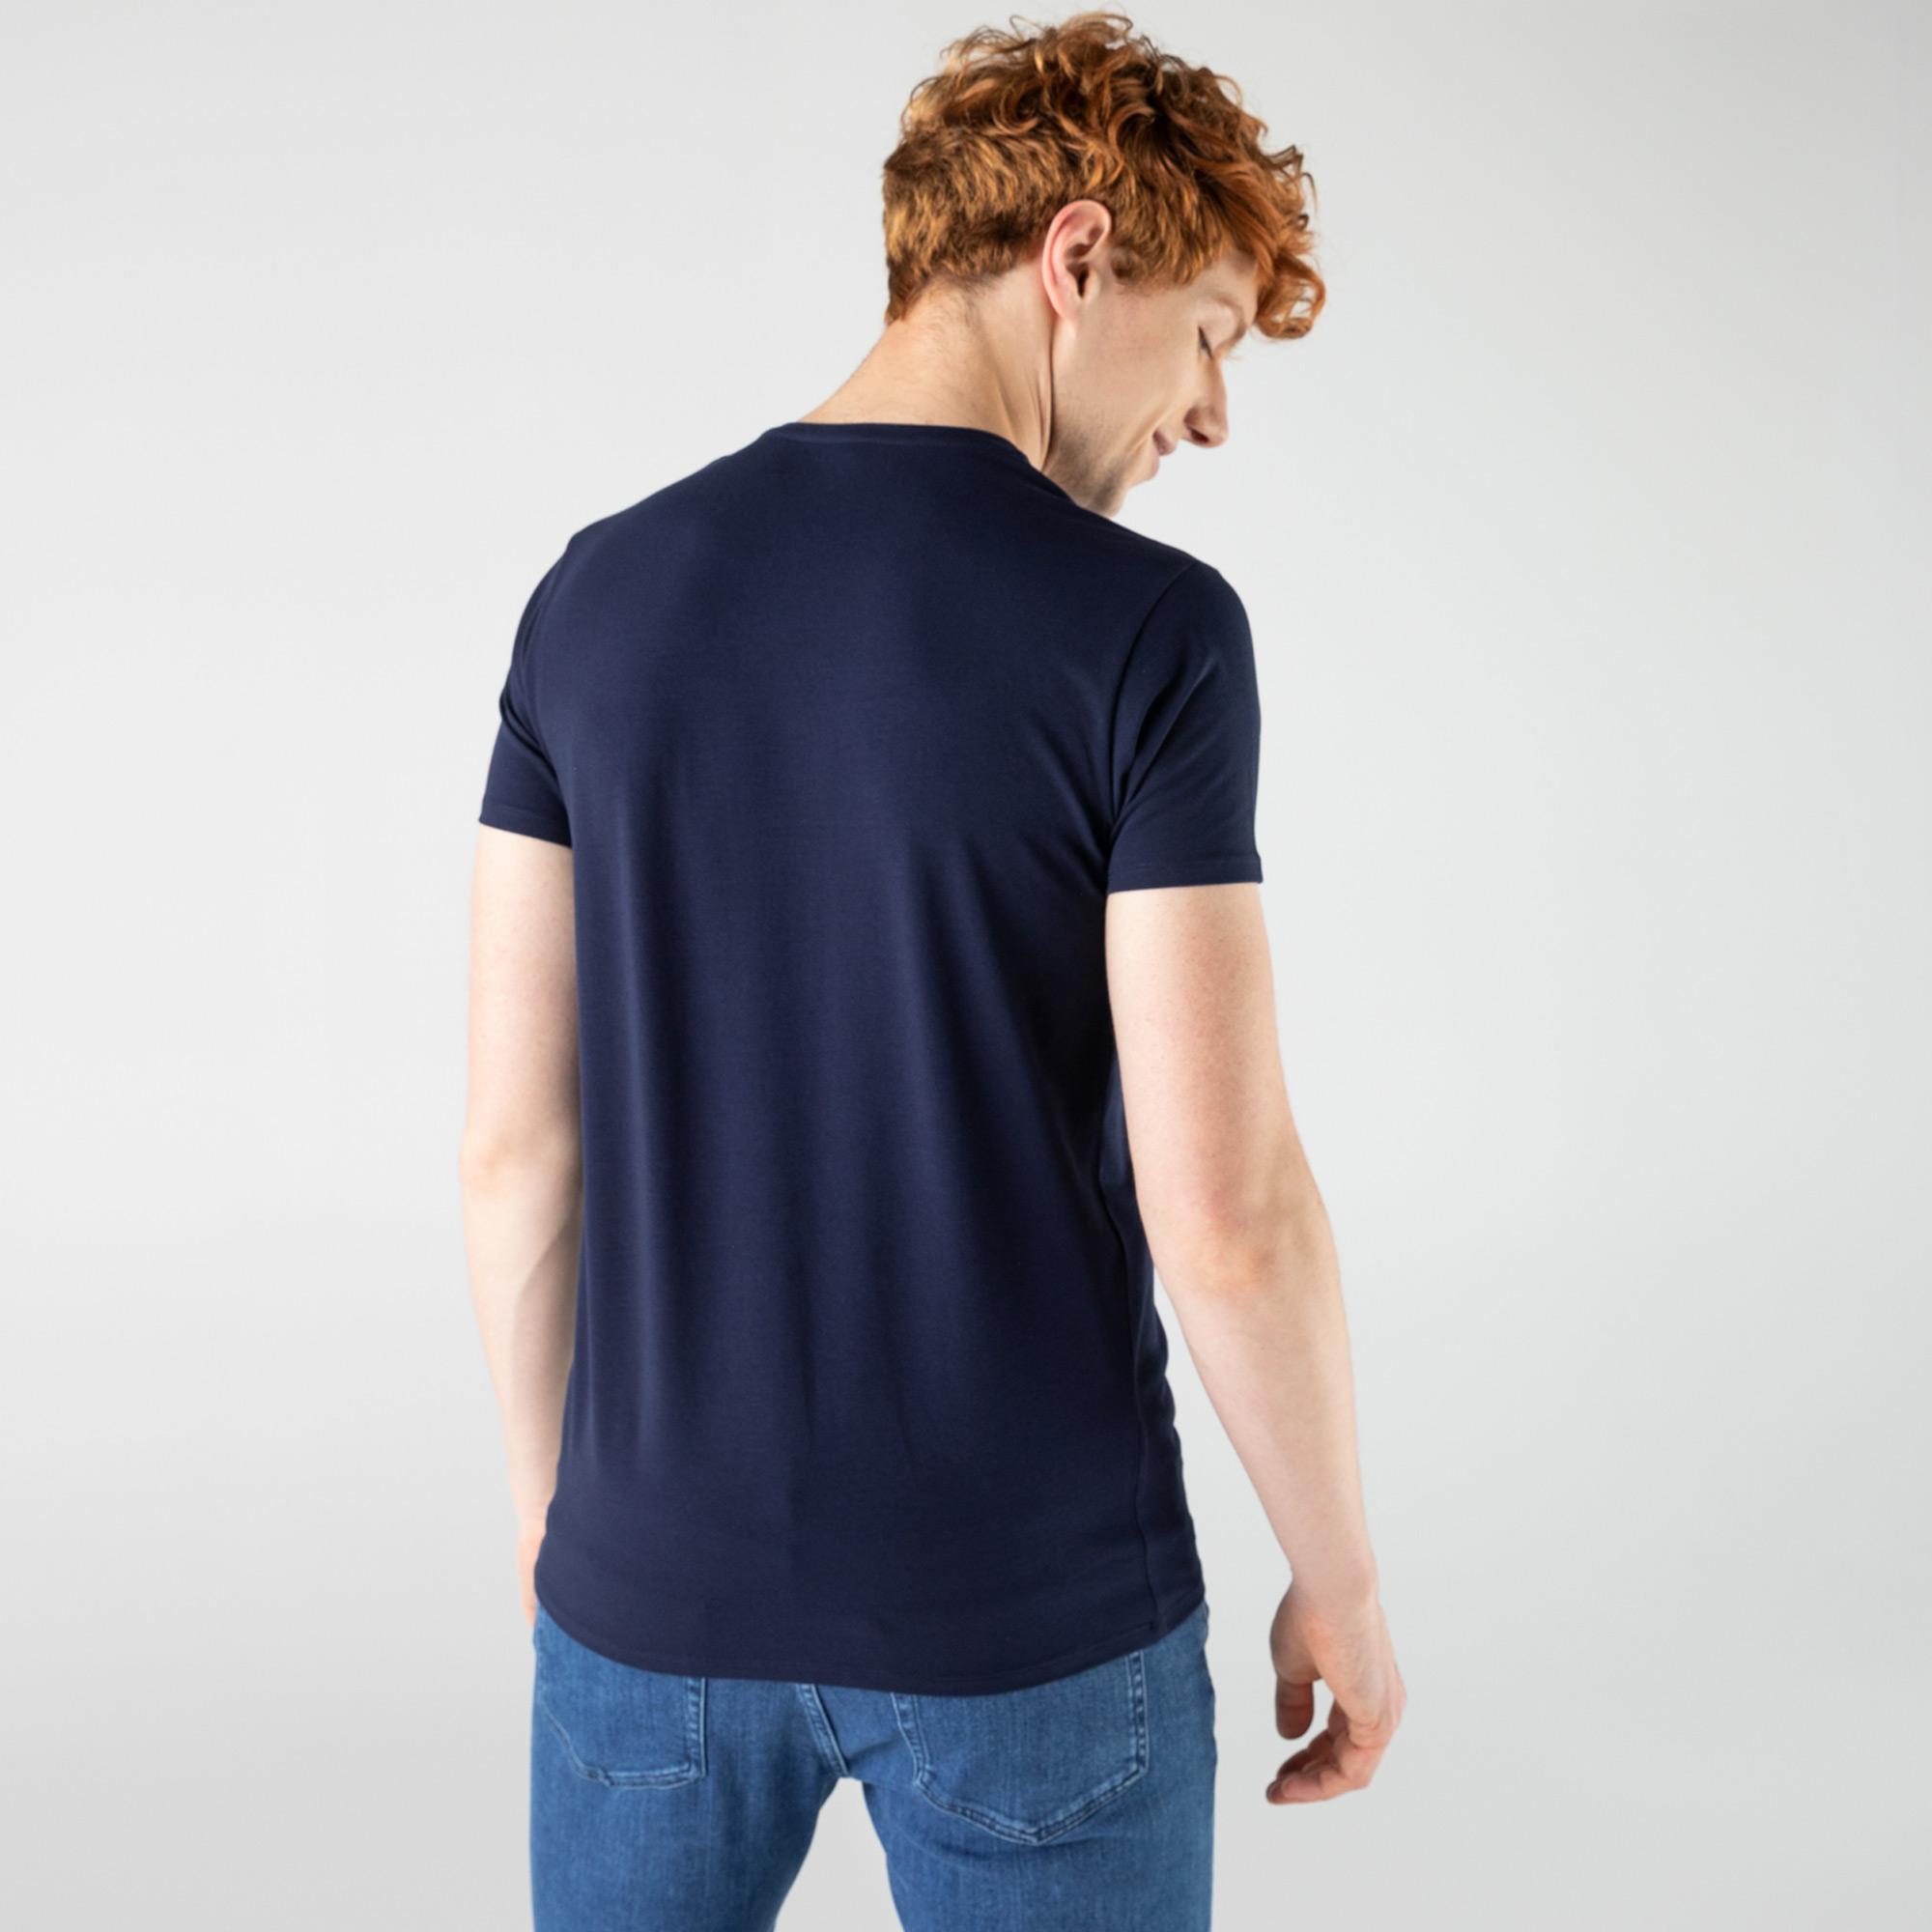 Lacoste футболка чоловіча з V-вирізом